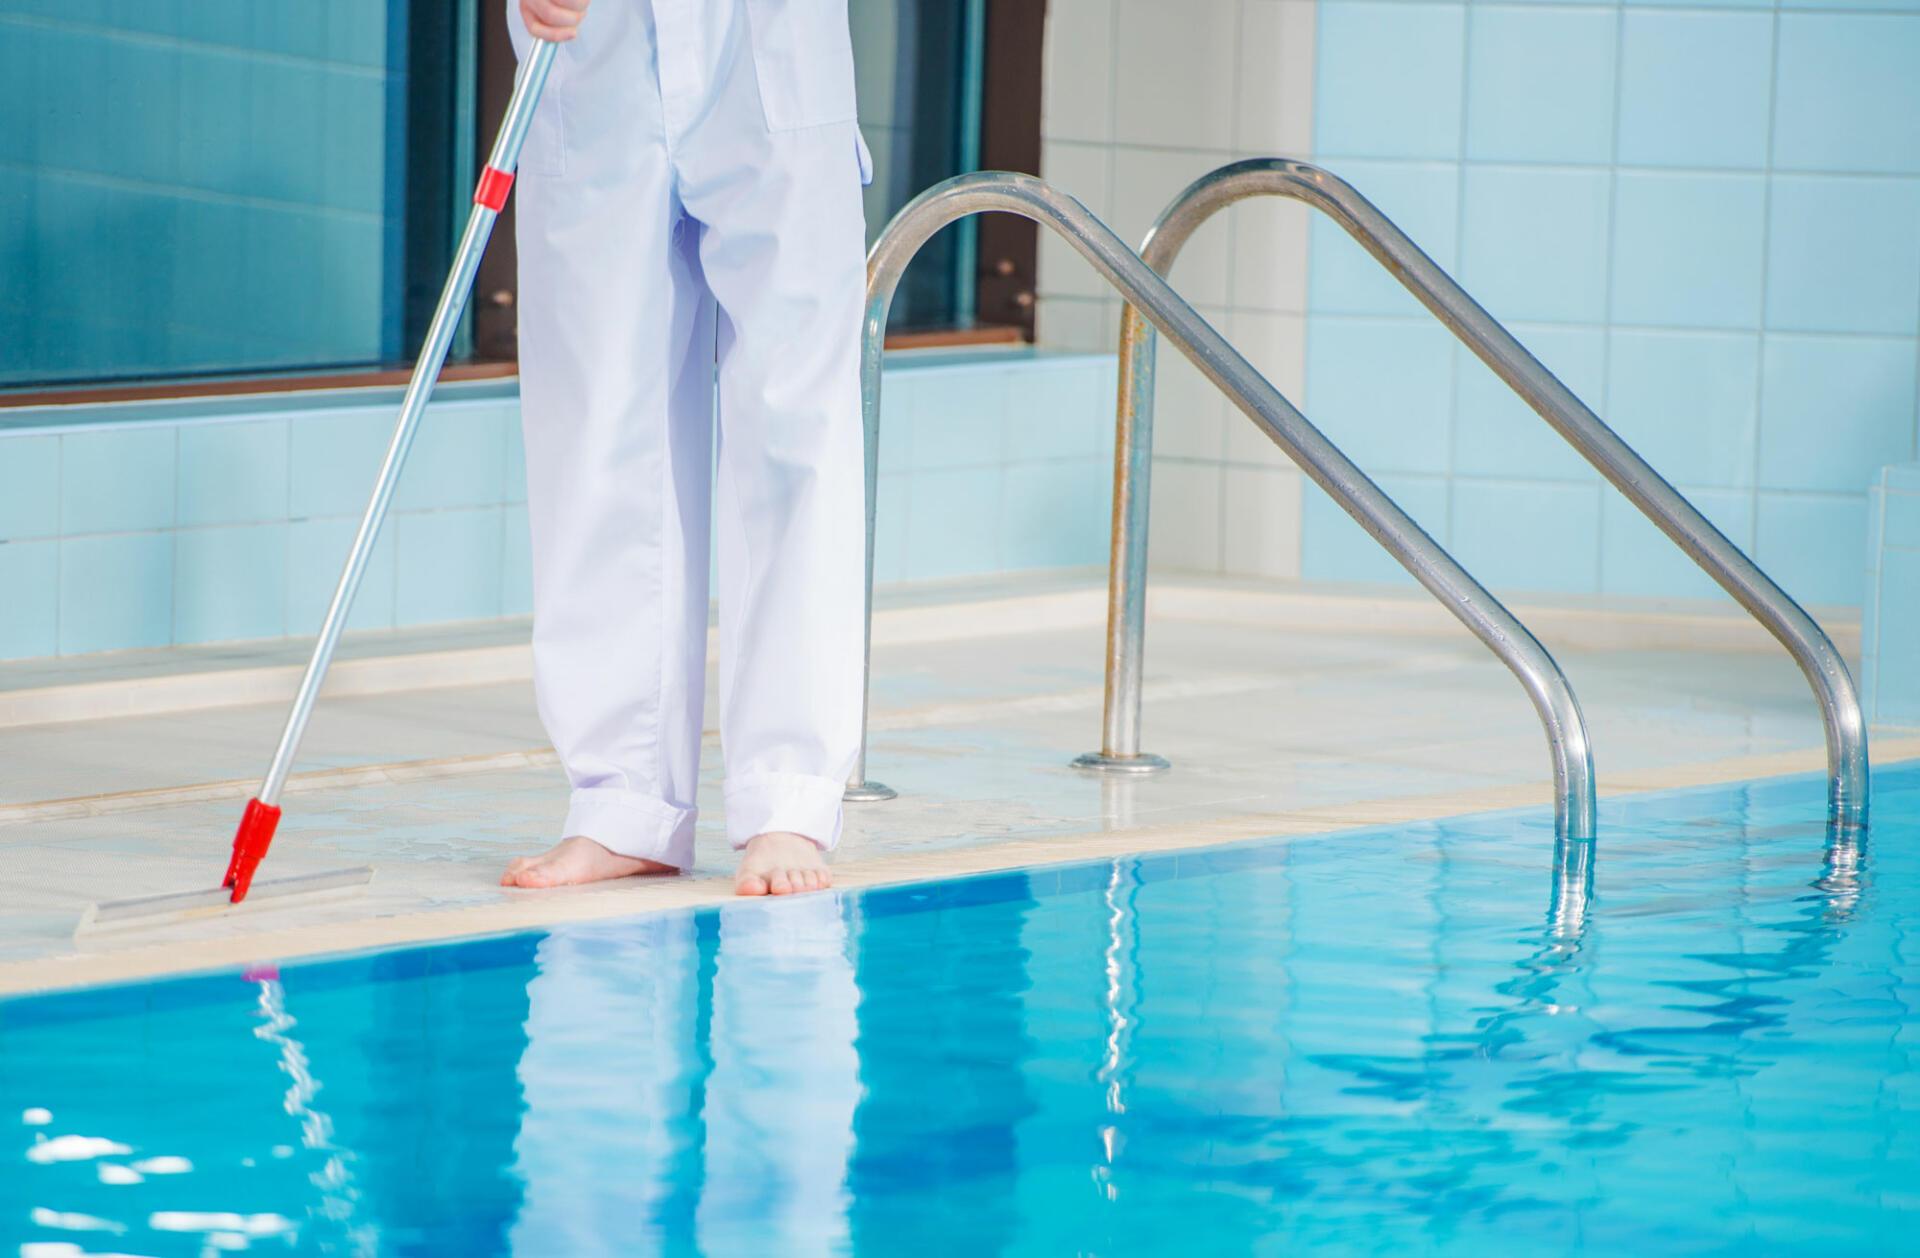 Schwimmbad Service & Wartung in ganz Tirol und darüber hinaus